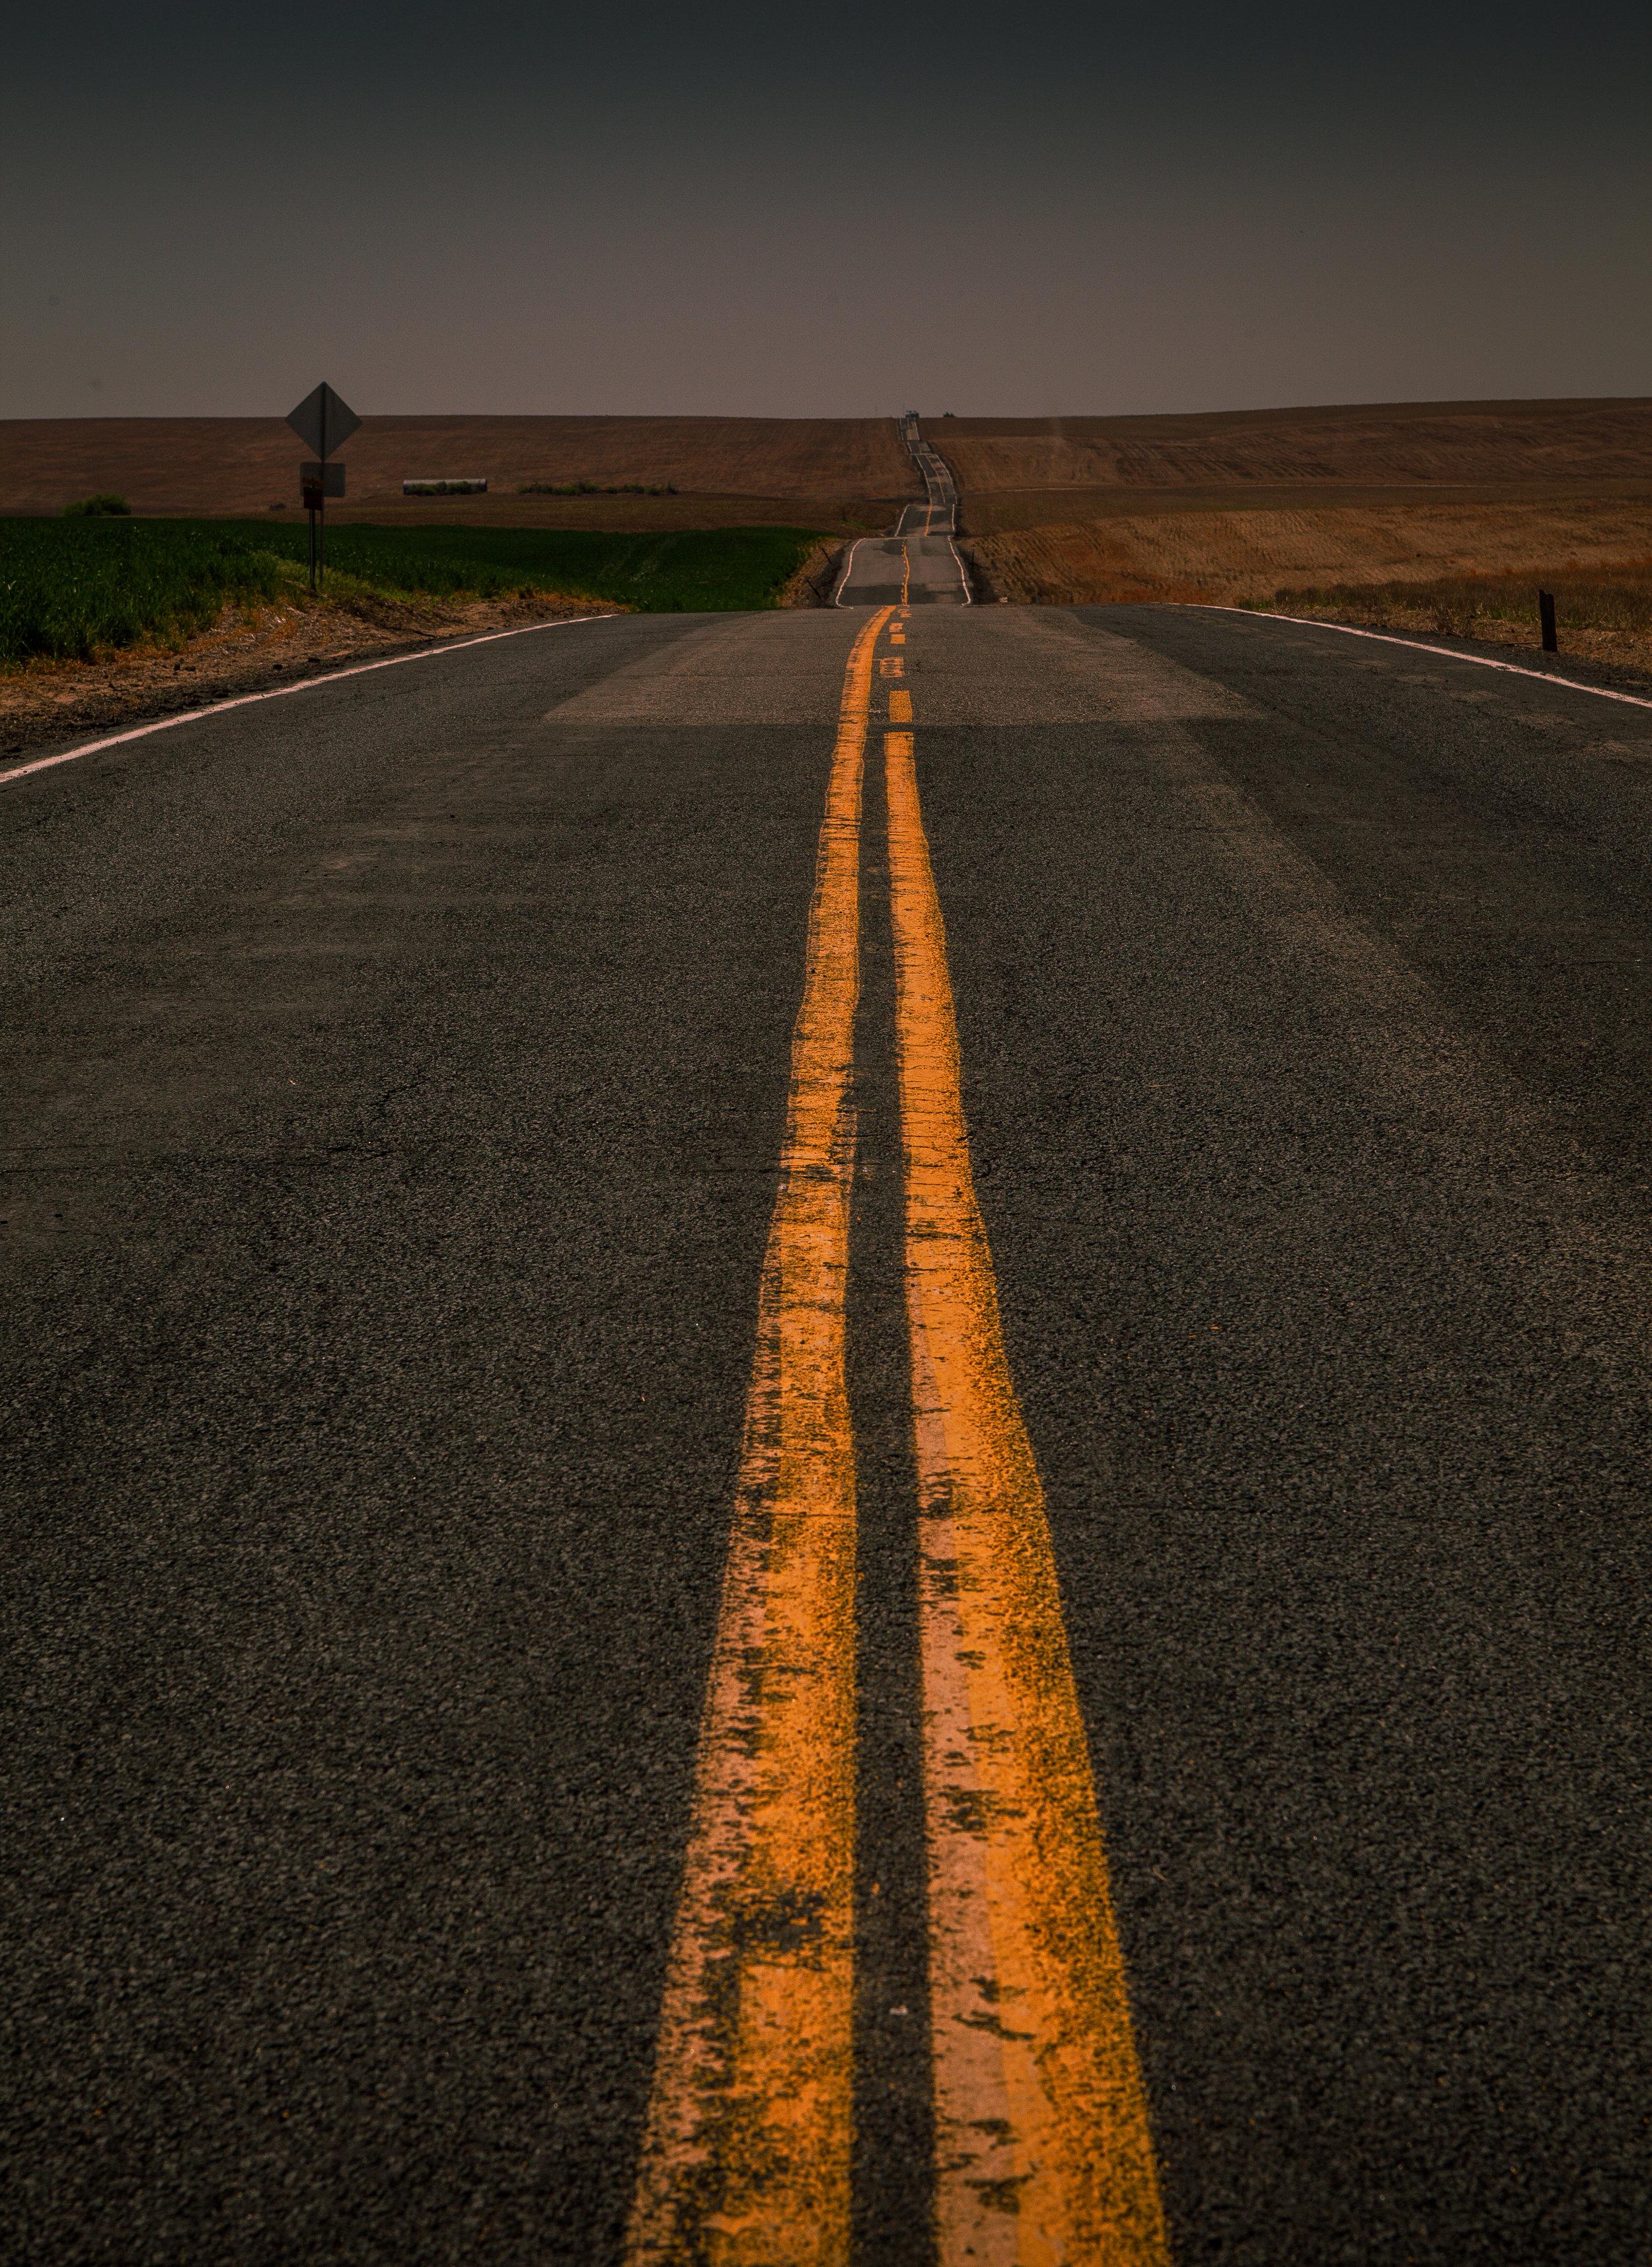 Road Lines (1 of 1).jpg